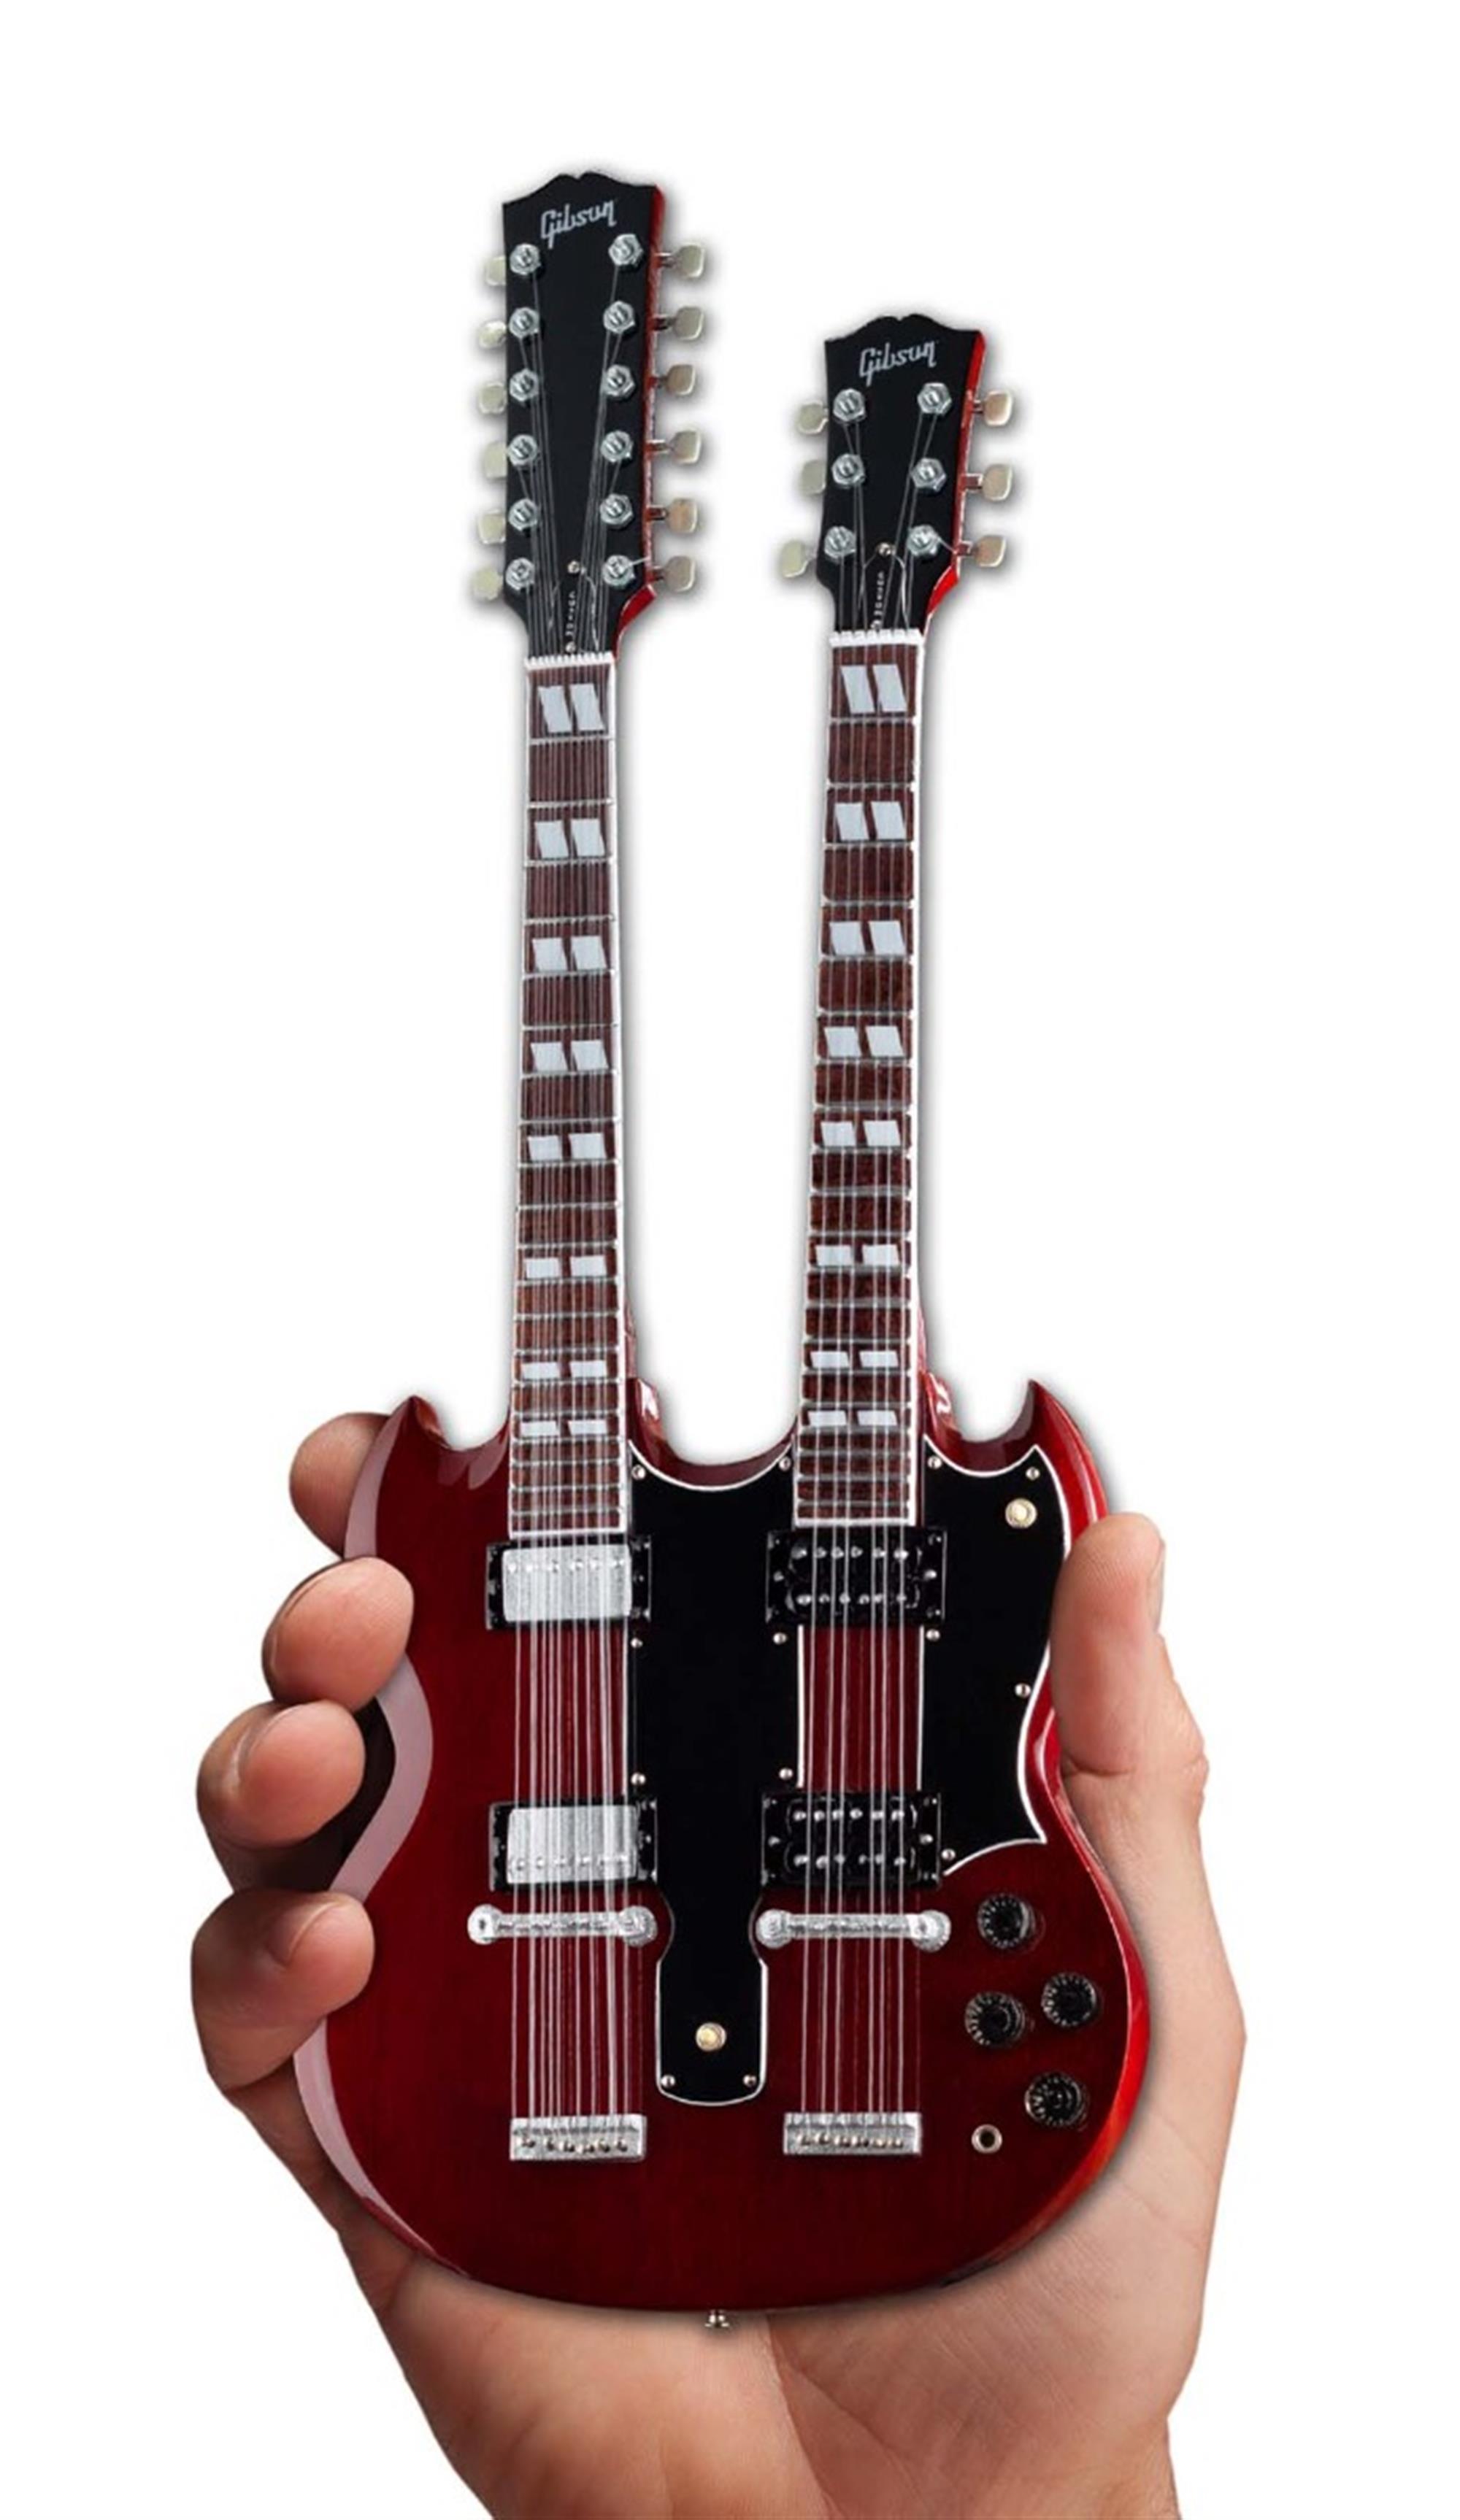 Axe Heaven Gibson SG EDS-1275 Doubleneck Cherry Mini Guitar Collectible